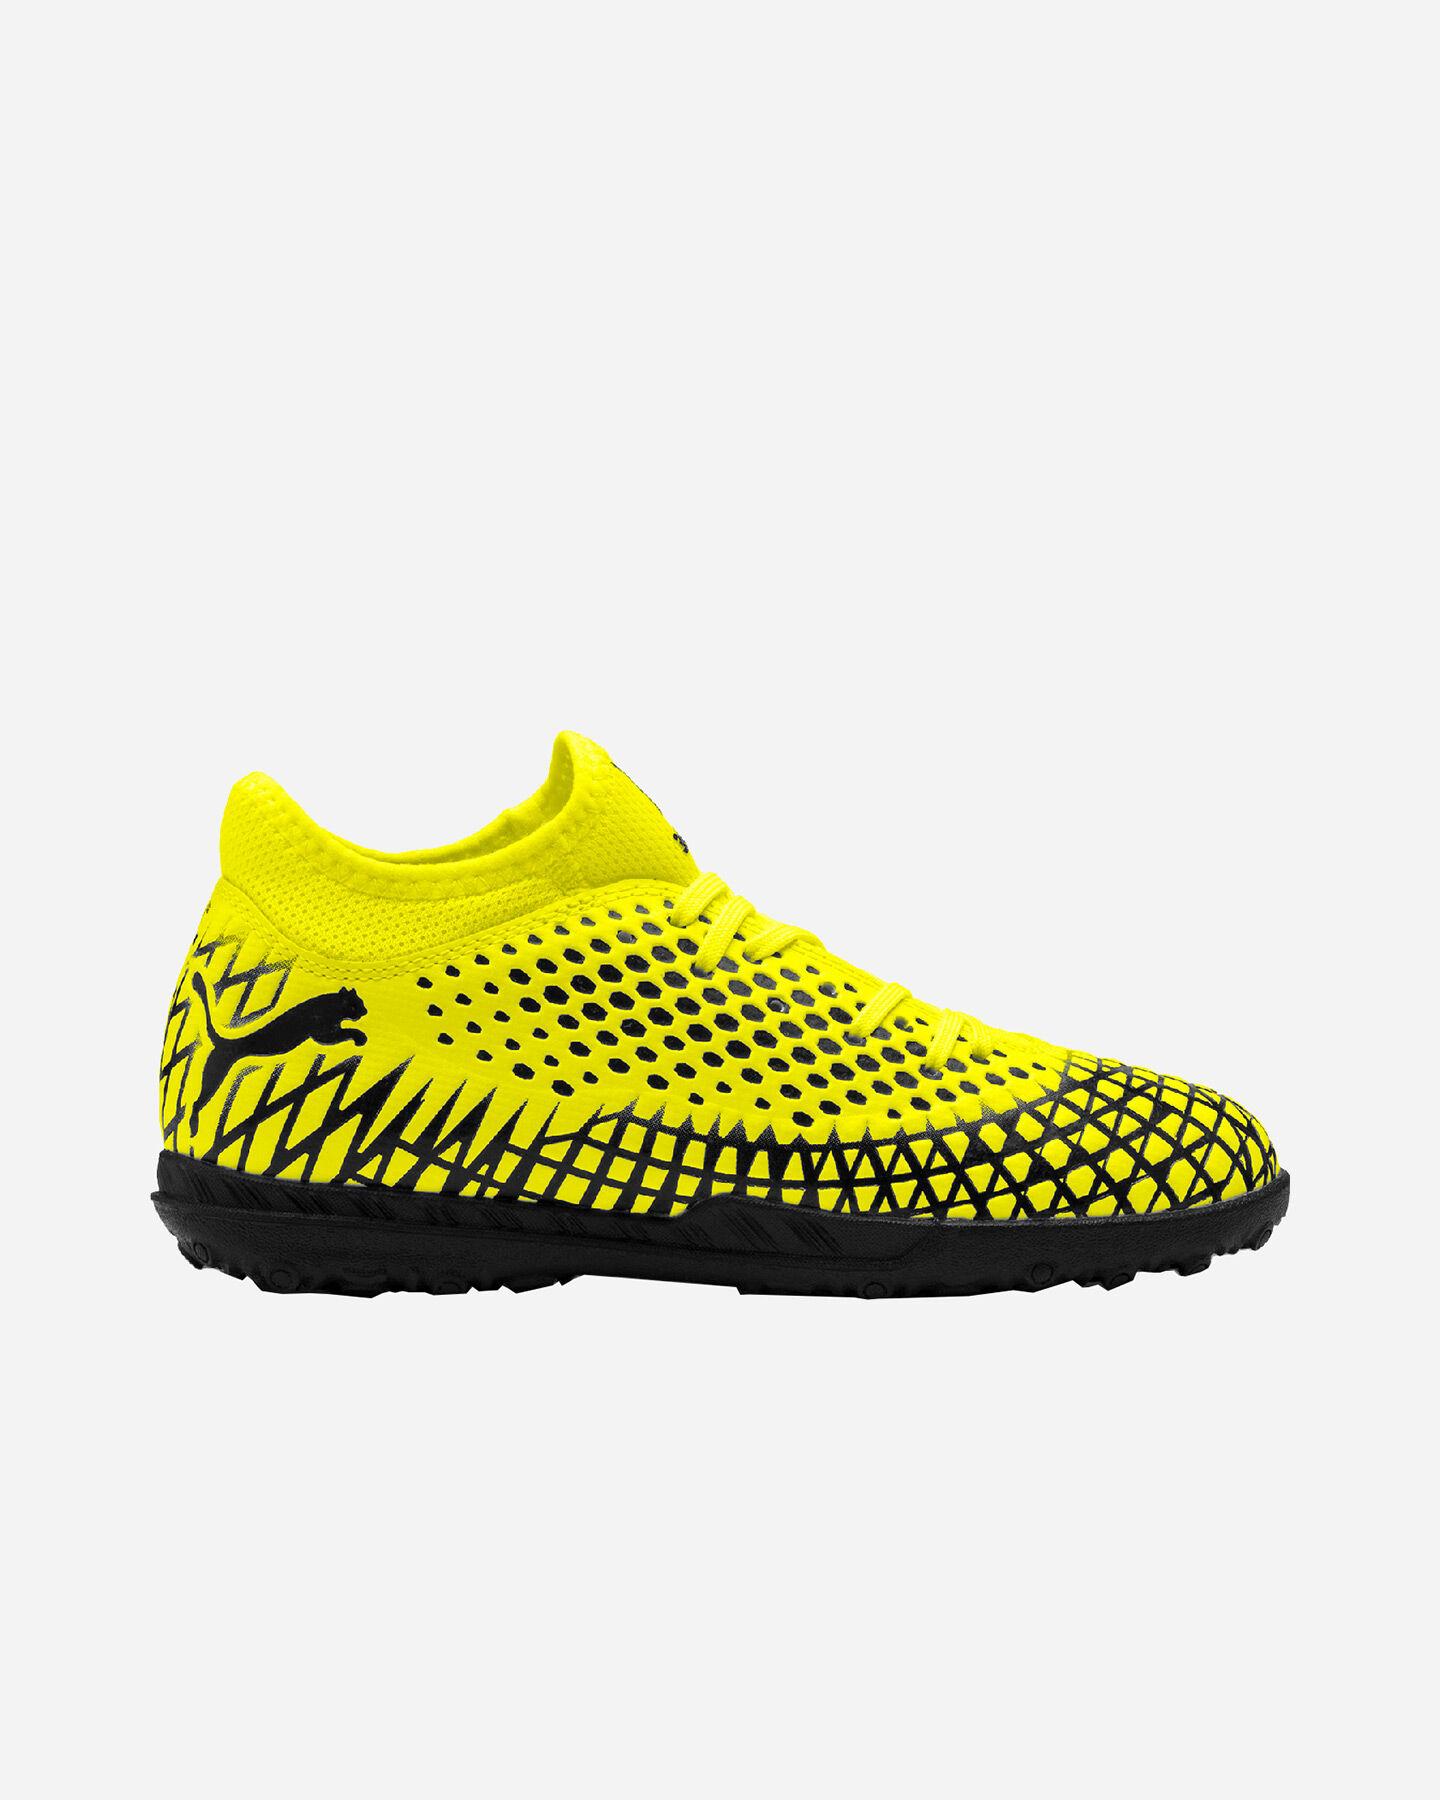 scarpe calcio bambino puma future